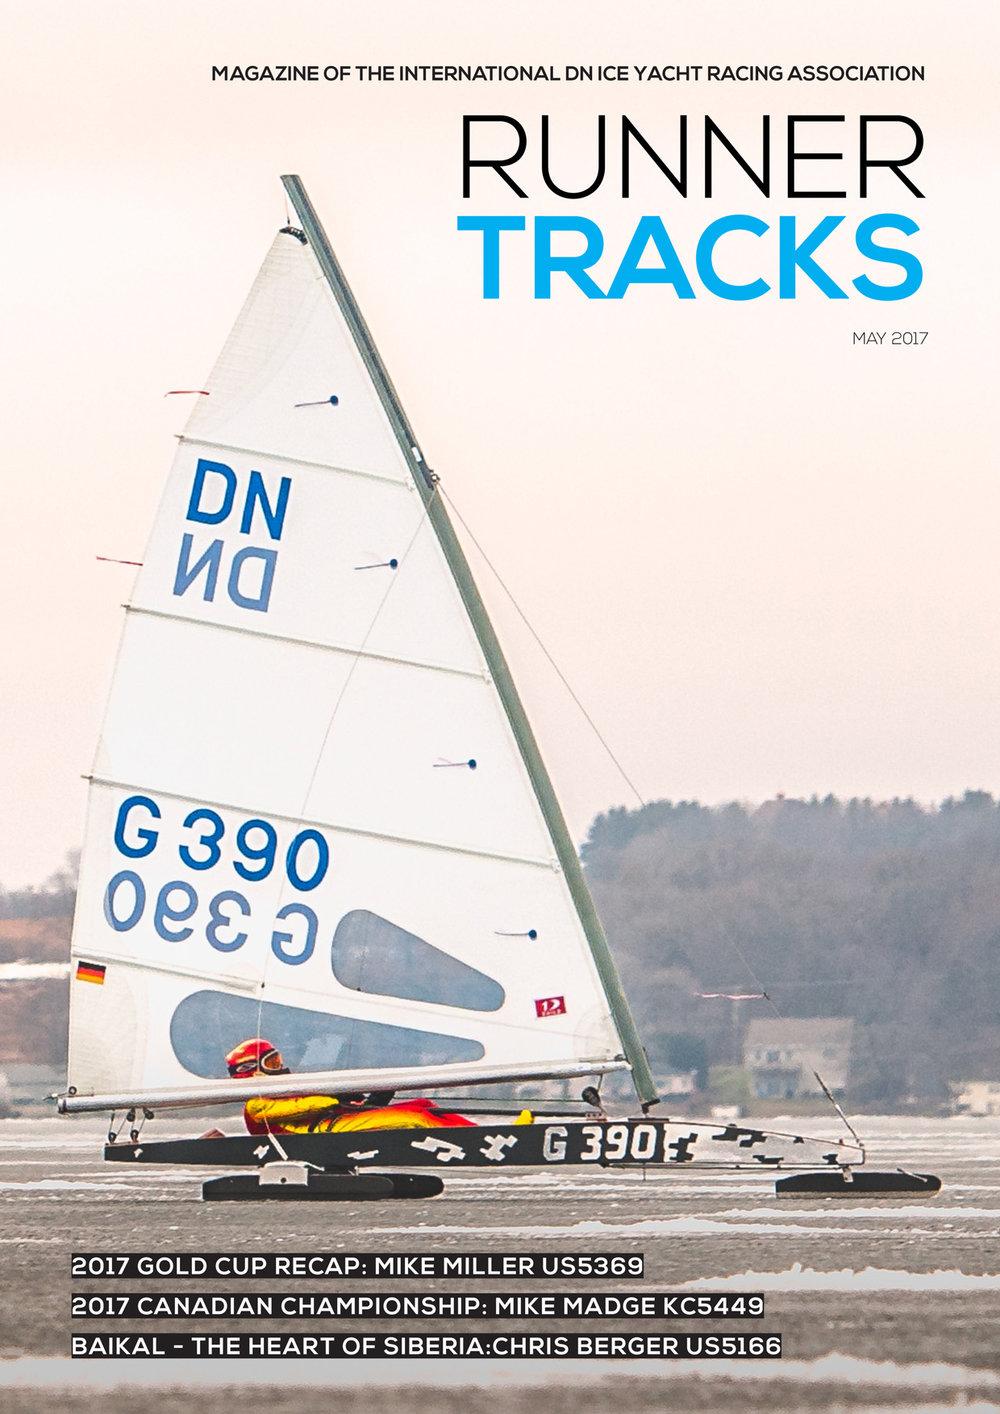 Runner-Tracks-May-2017-cover-for-website.jpg